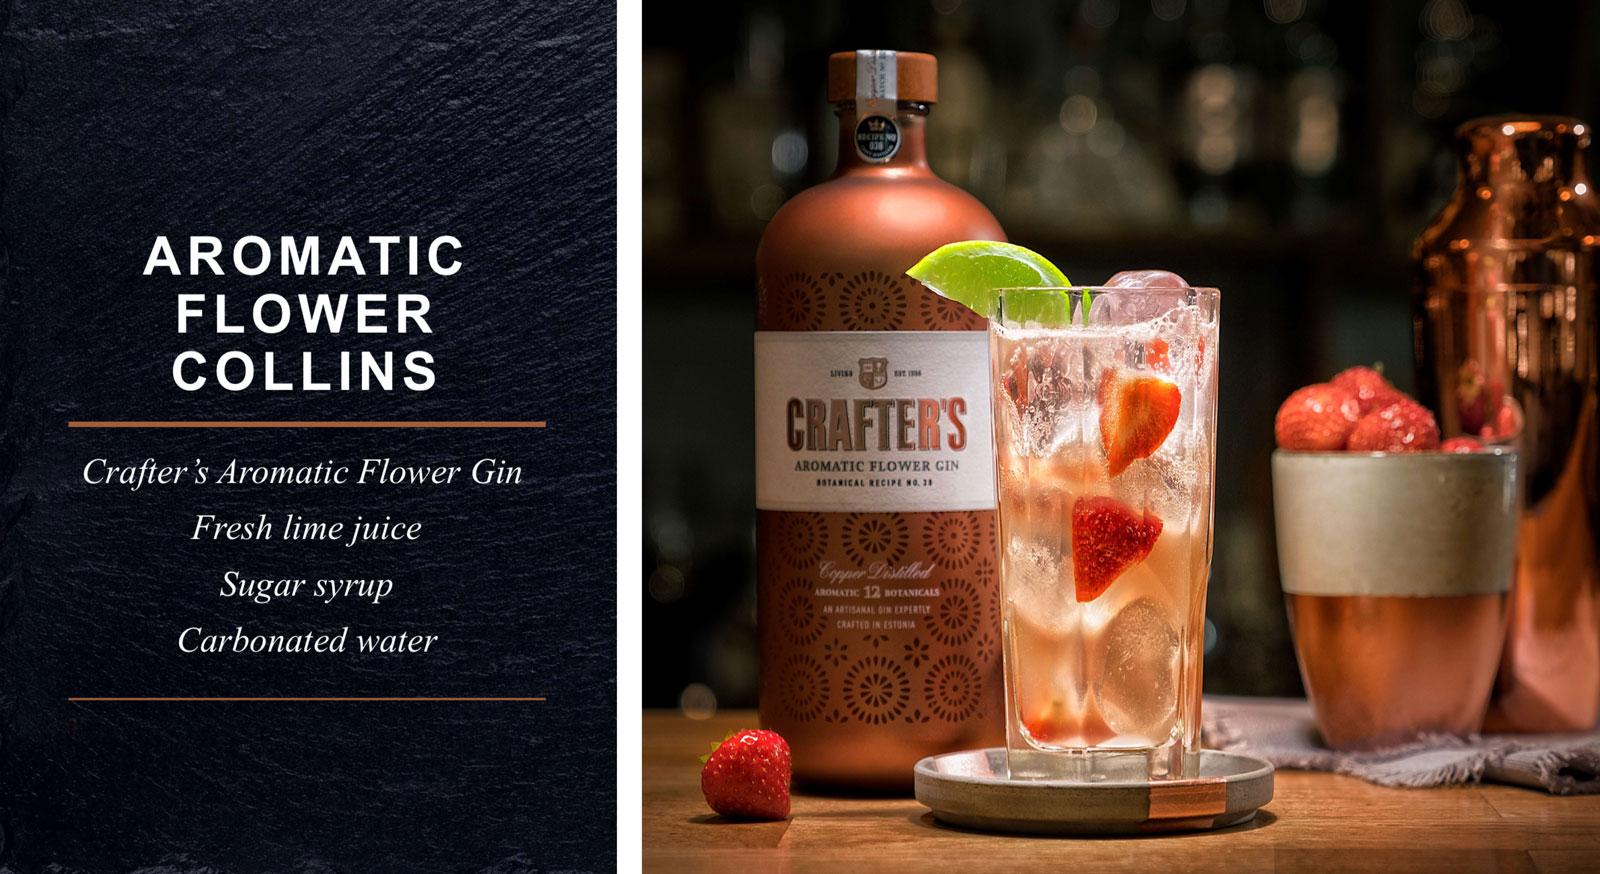 Distilled Blended Bulk Gin Box from Famous Brand with Lavender Lemon Orange Rose Hip Flower